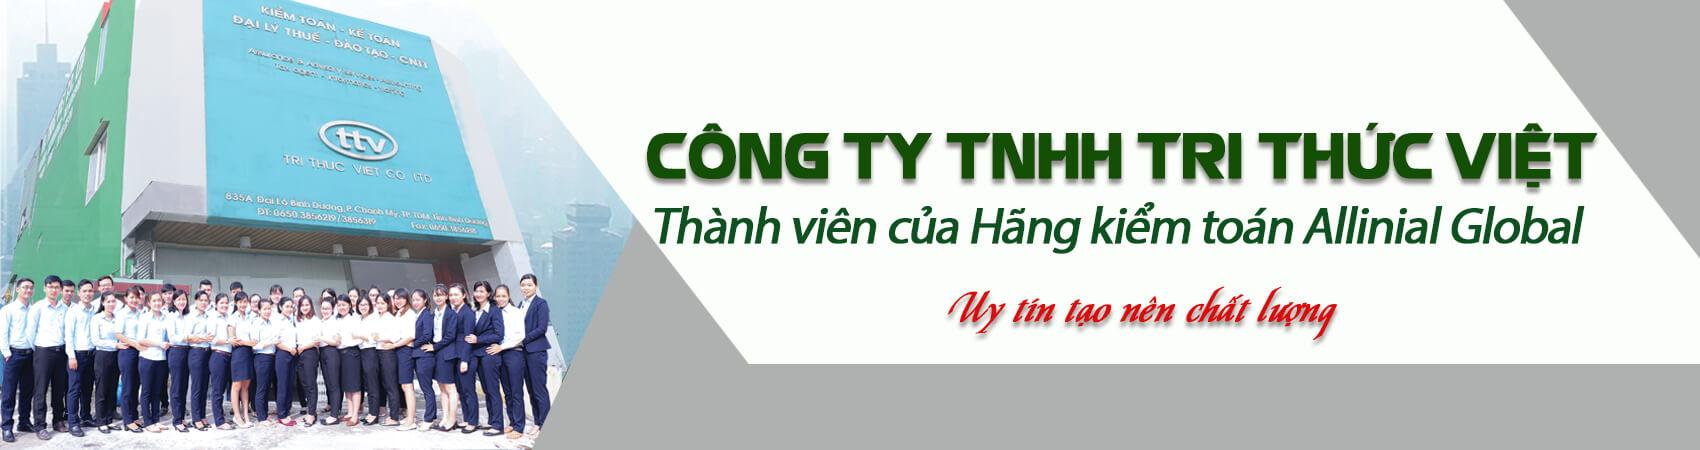 Công Ty TNHH Tri Thức Việt